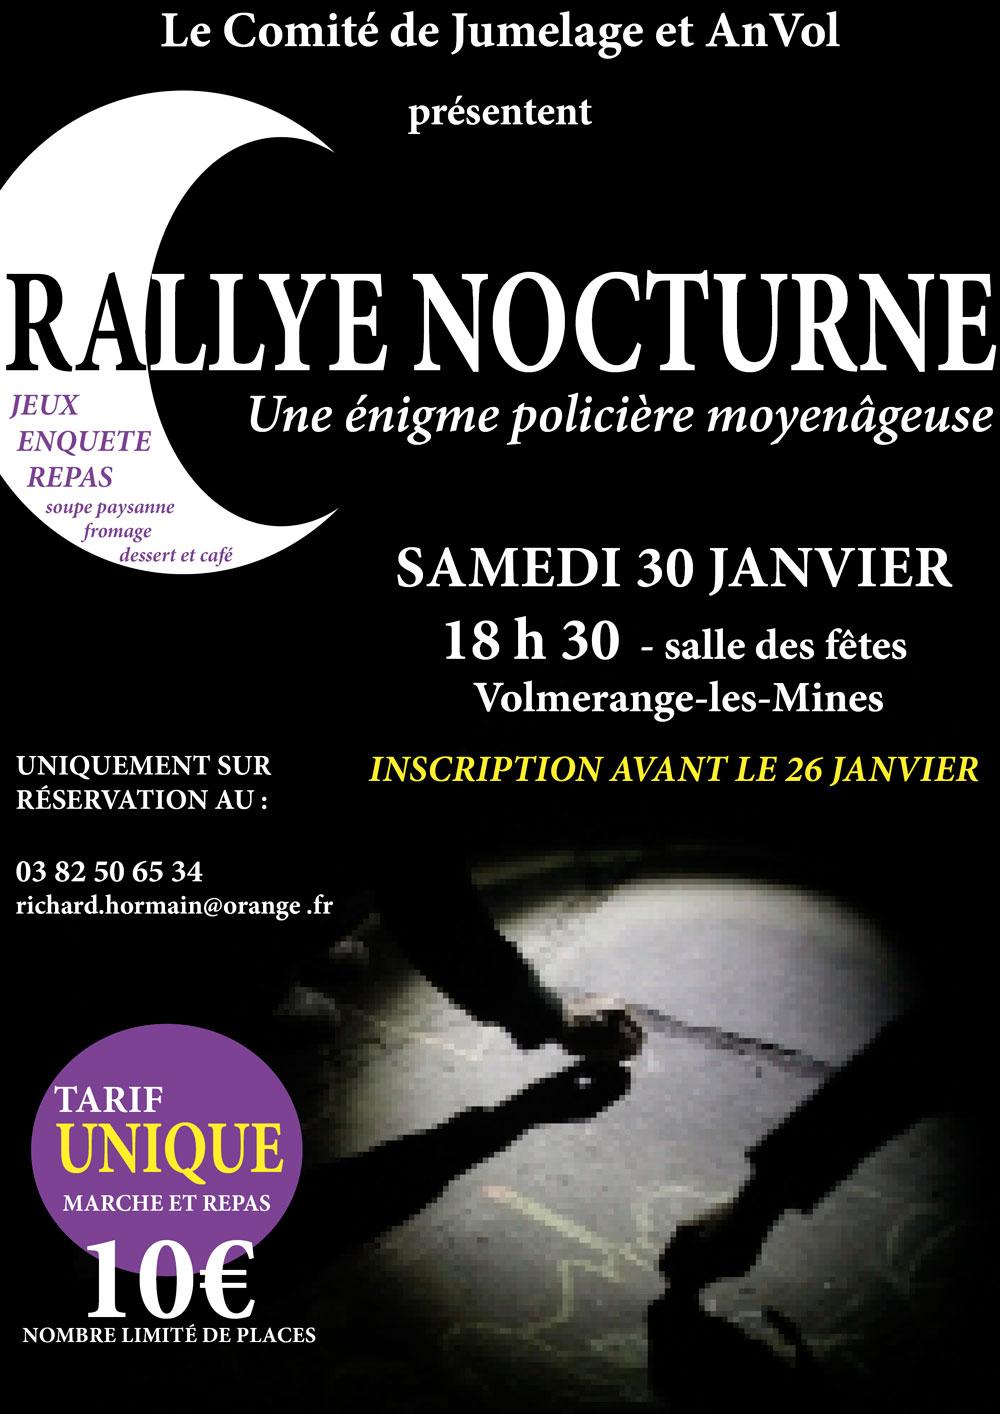 affiche rallye nocturne 2016